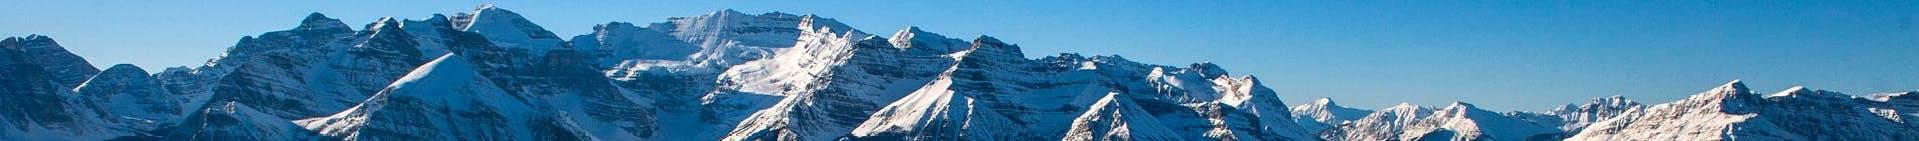 Lake Louise Ski Area Long-Range Plan